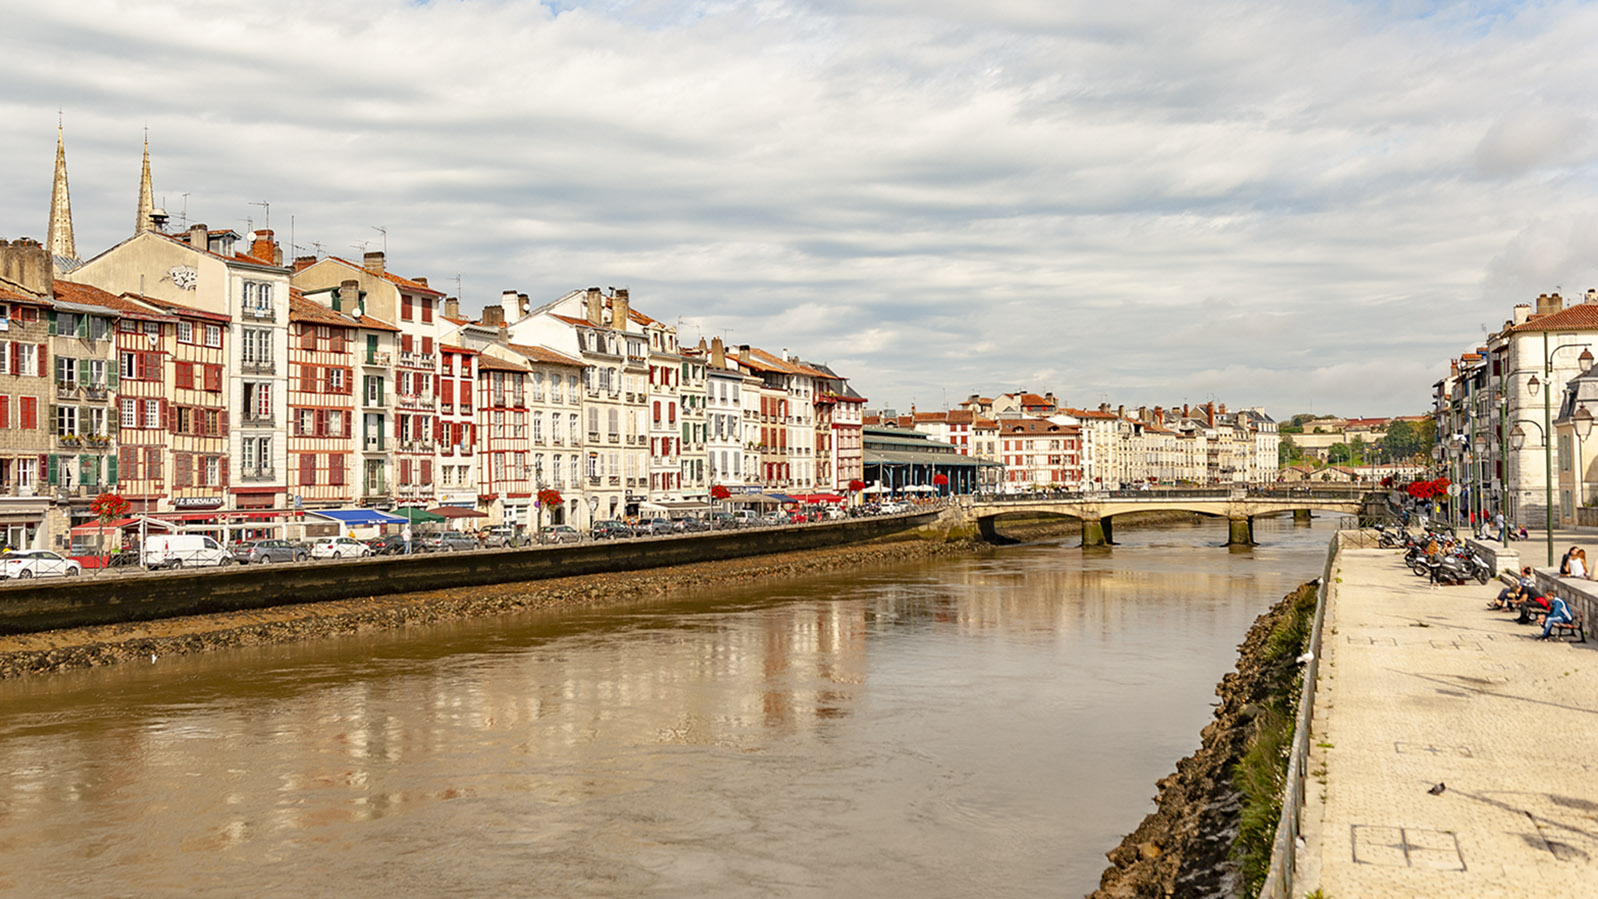 Am Ufer der Nive in Brayonne. Foto: Hilke Maunder